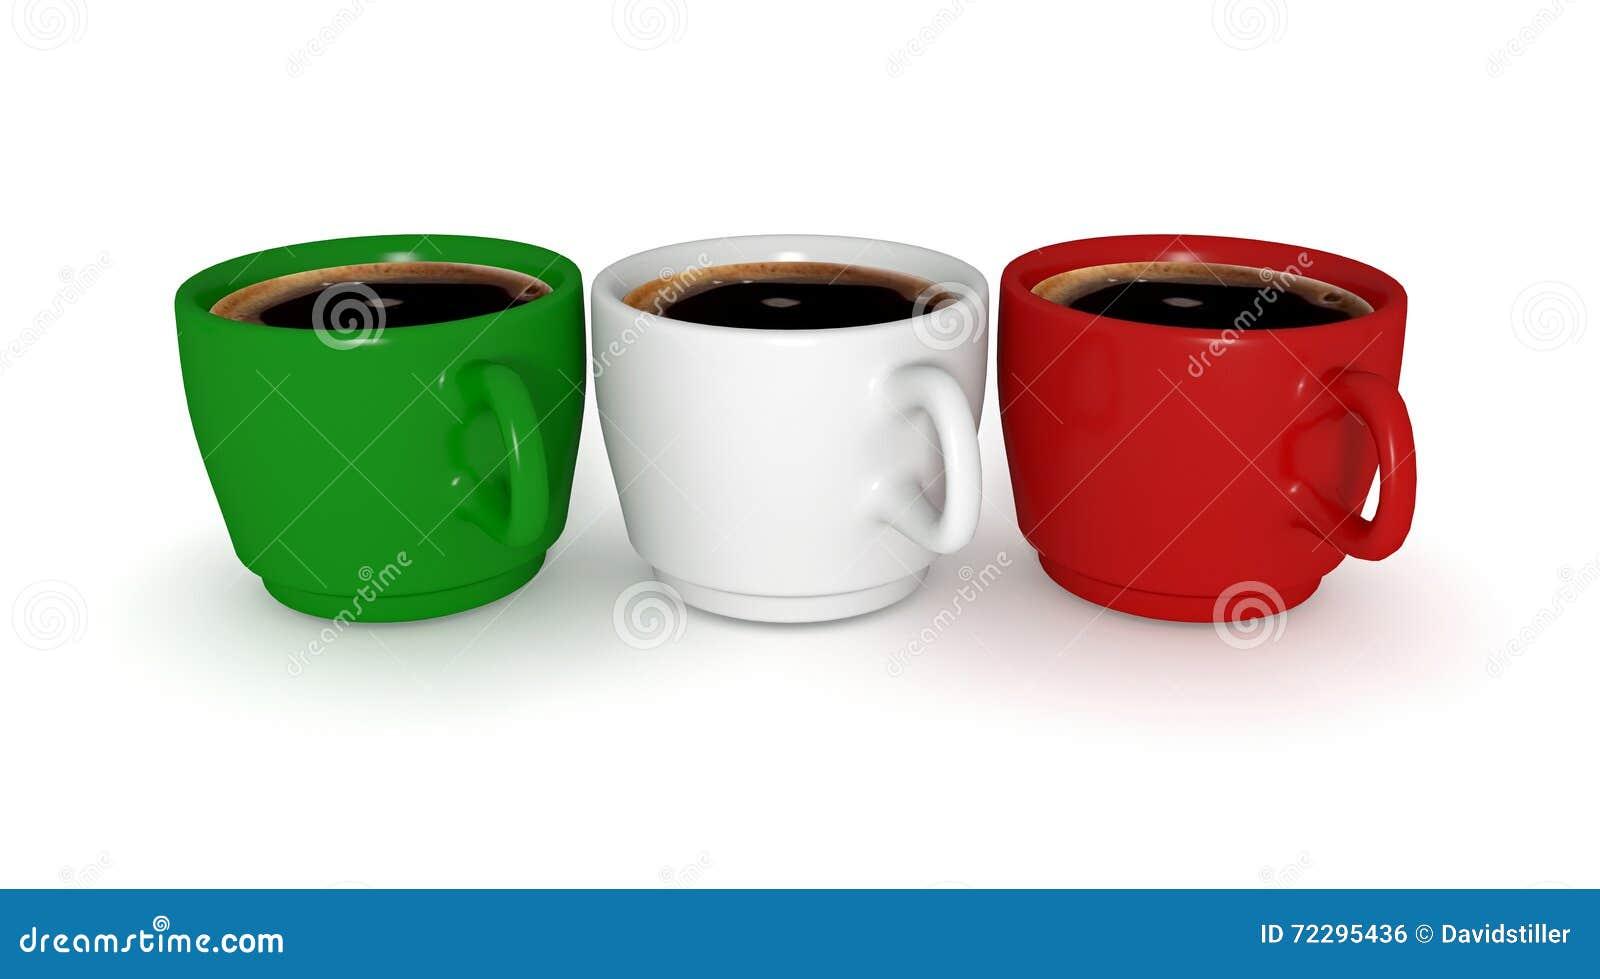 Download Кофейные чашки, итальянский флаг, иллюстрация 3d Иллюстрация штока - иллюстрации насчитывающей питье, бело: 72295436